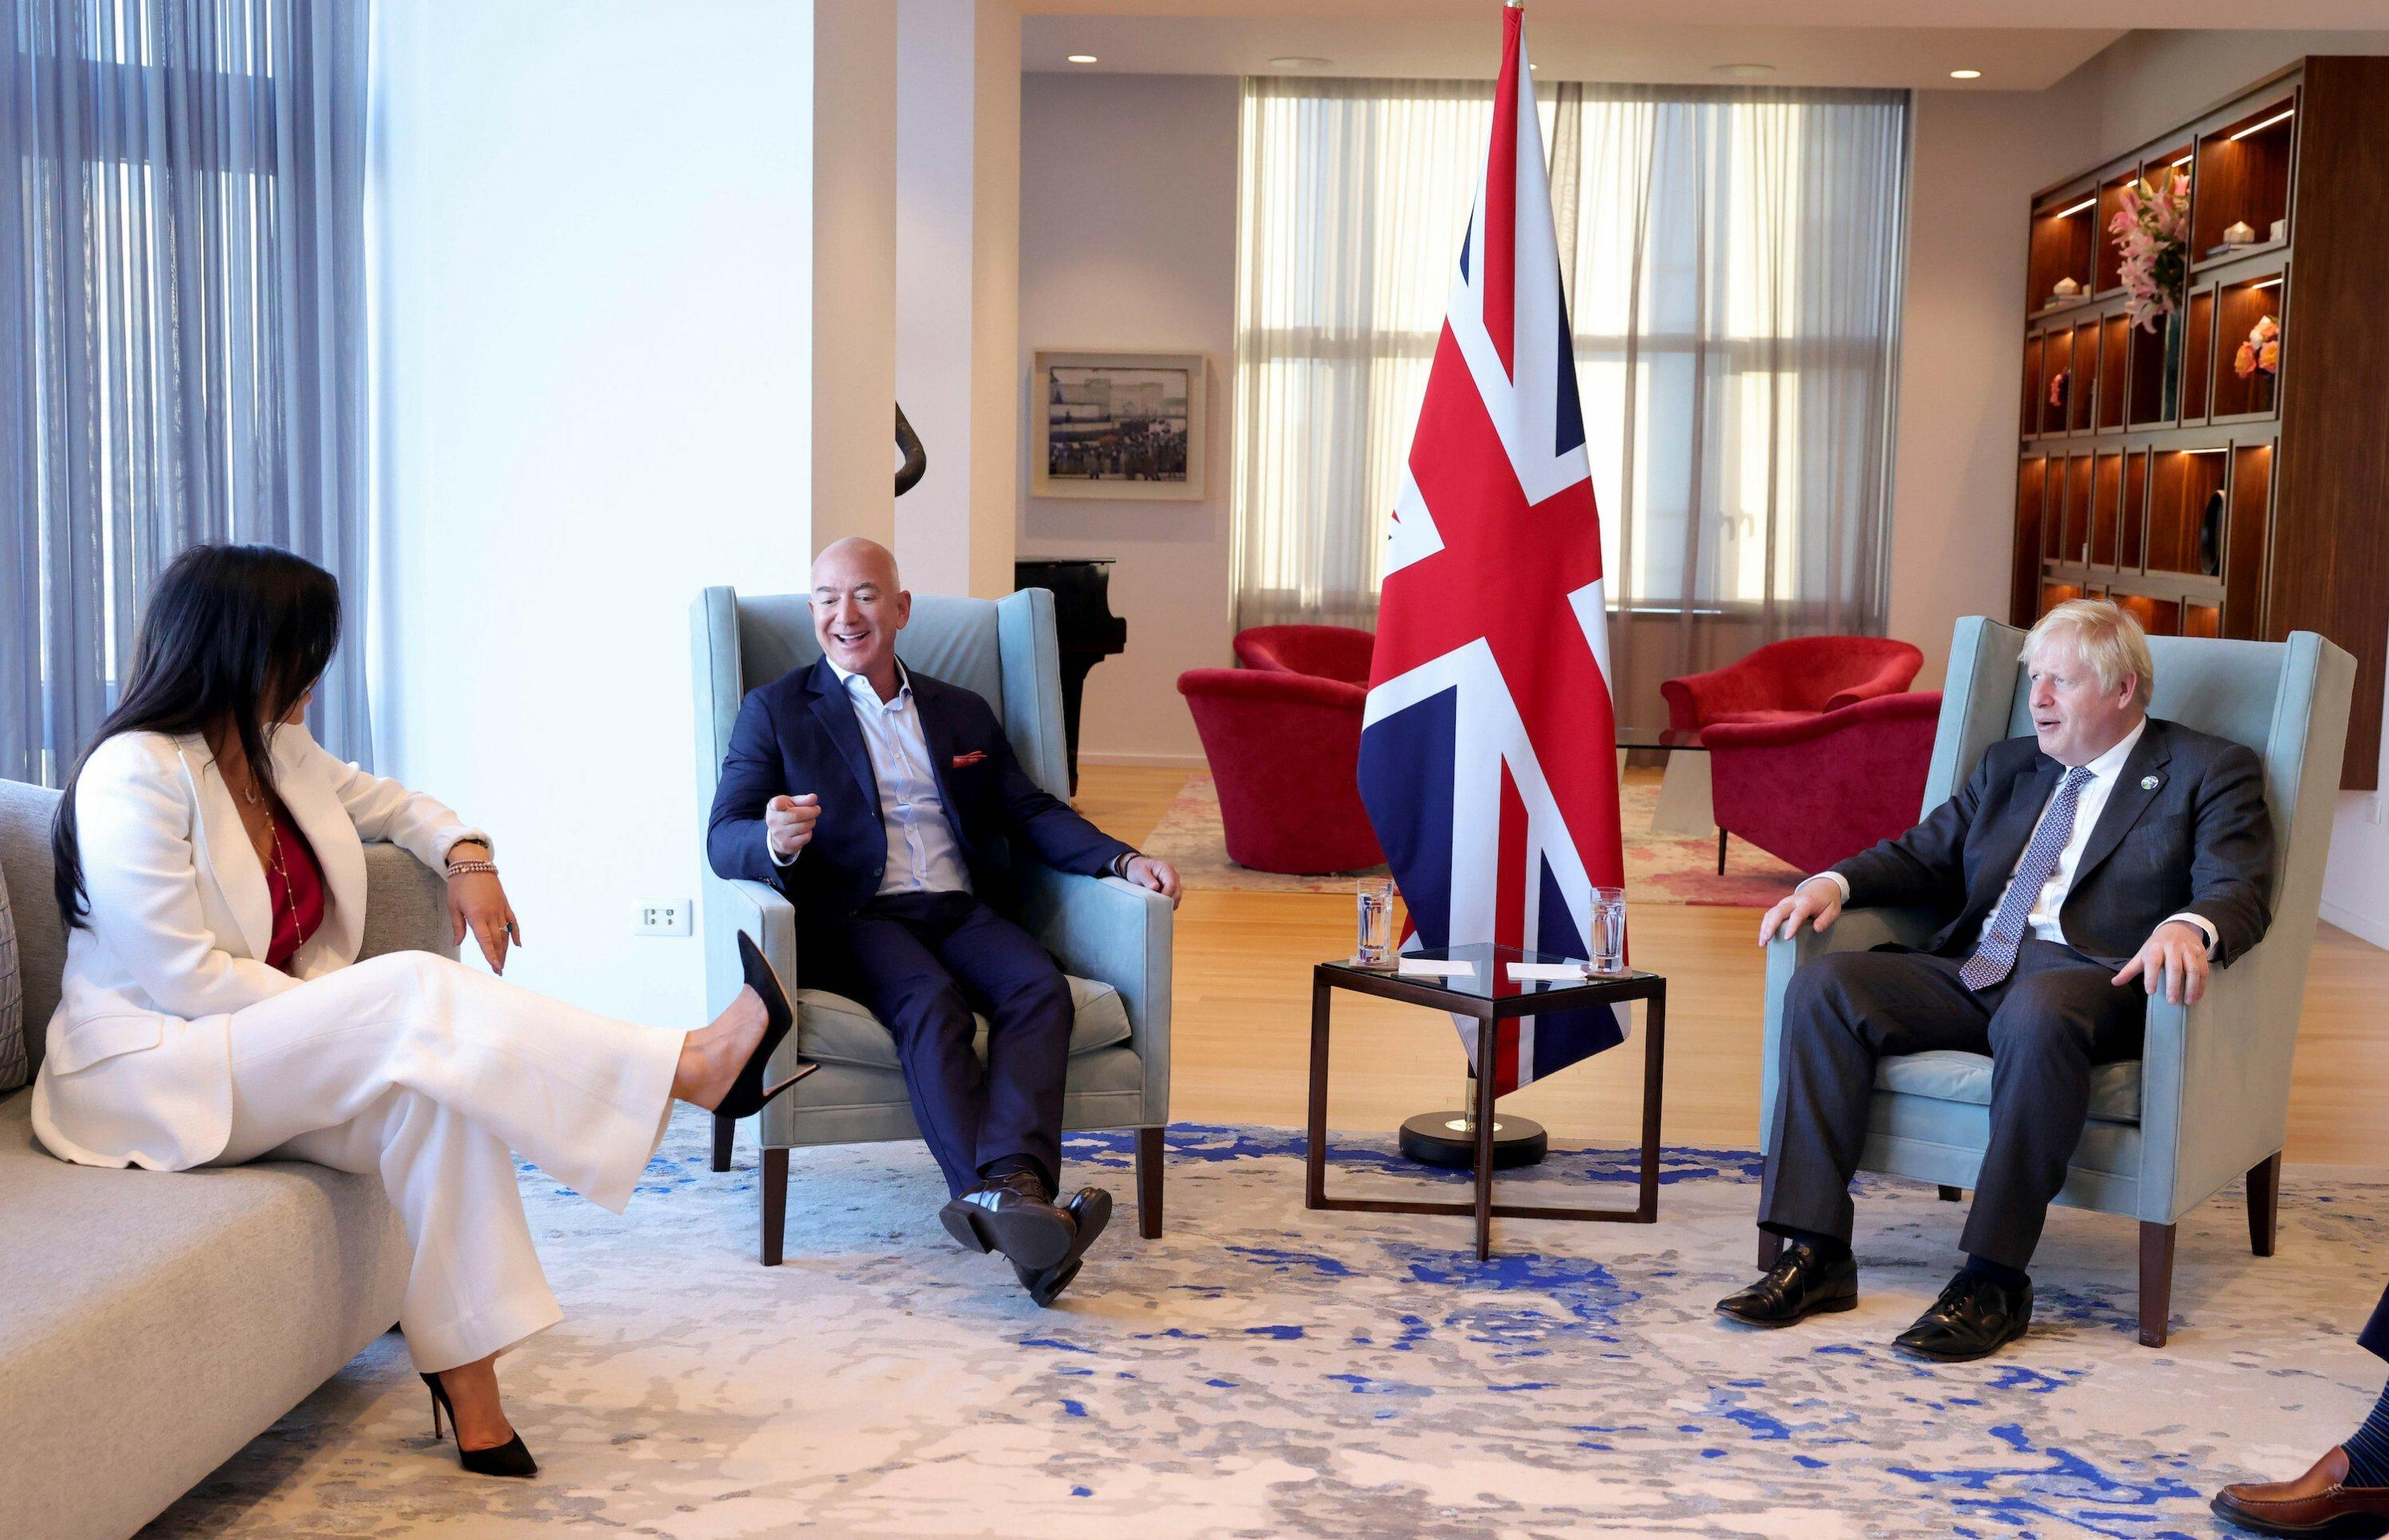 Bezos, Johnson und Sanchez in feinem Ambiente in New York, alle sitzen, im Zentrum eine britische Flagge.